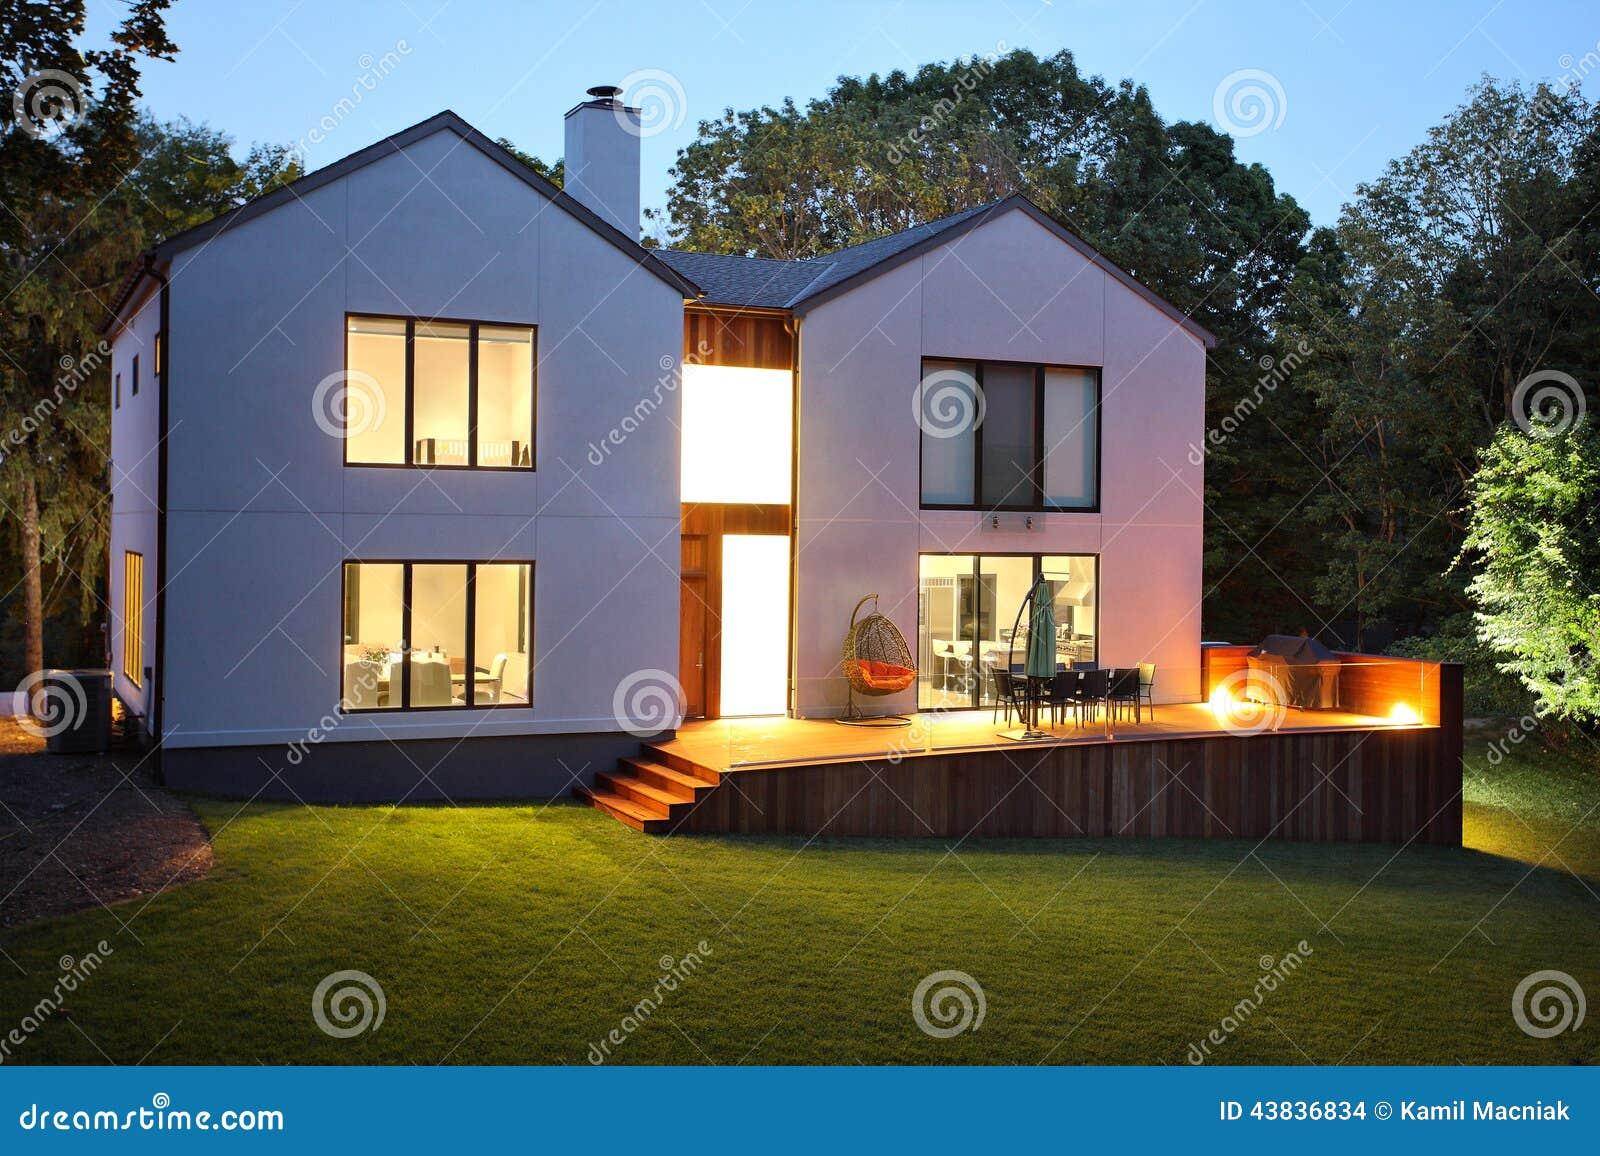 Maison et jardin de luxe modernes photo stock image for Maison et jardin